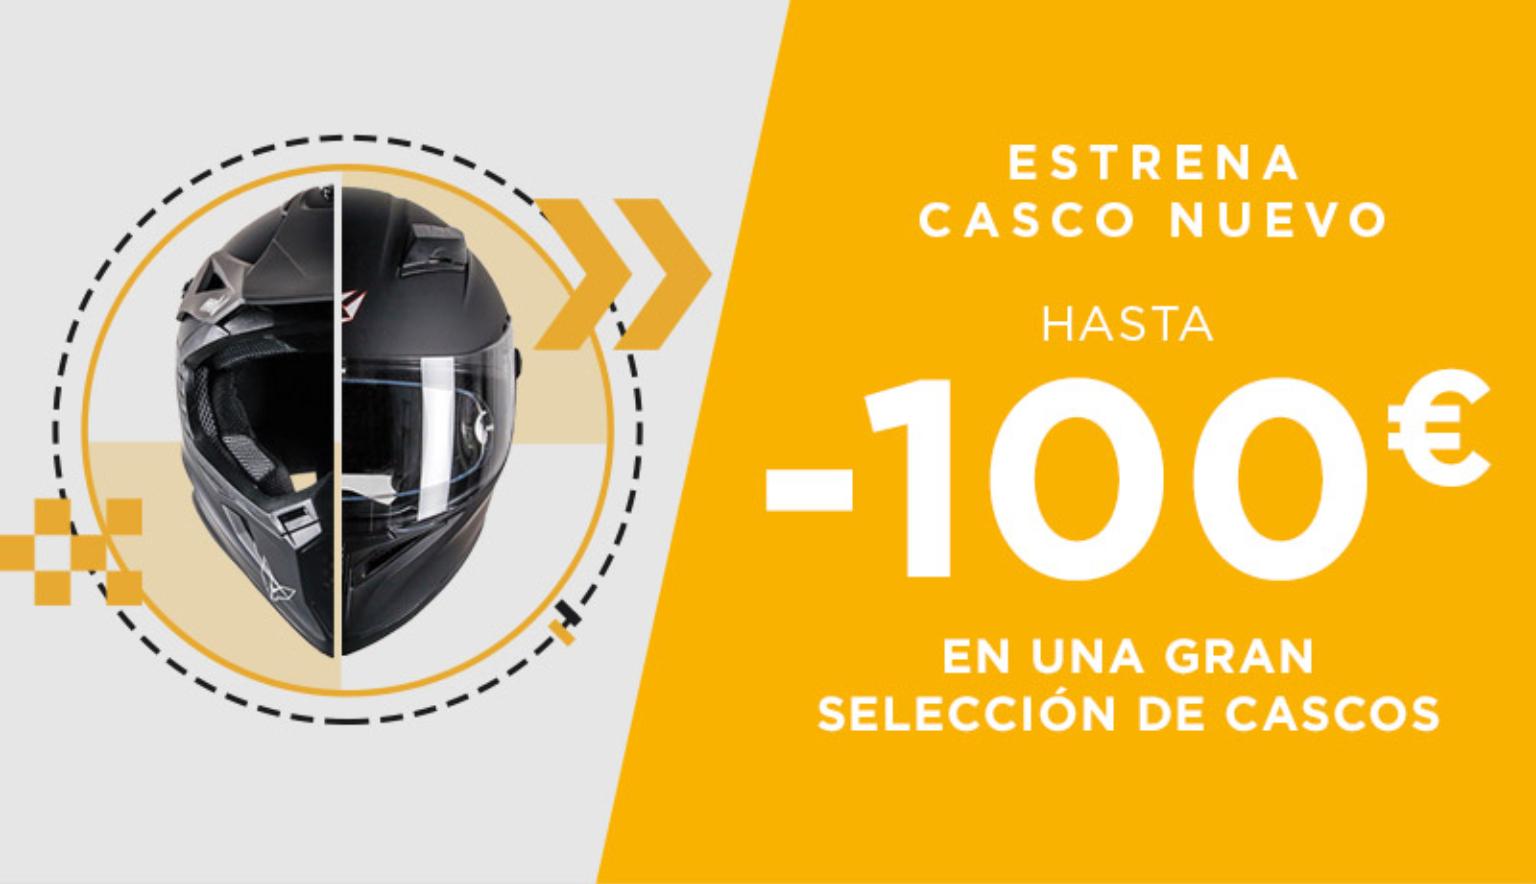 Rebajas hasta 100 euros en cascos